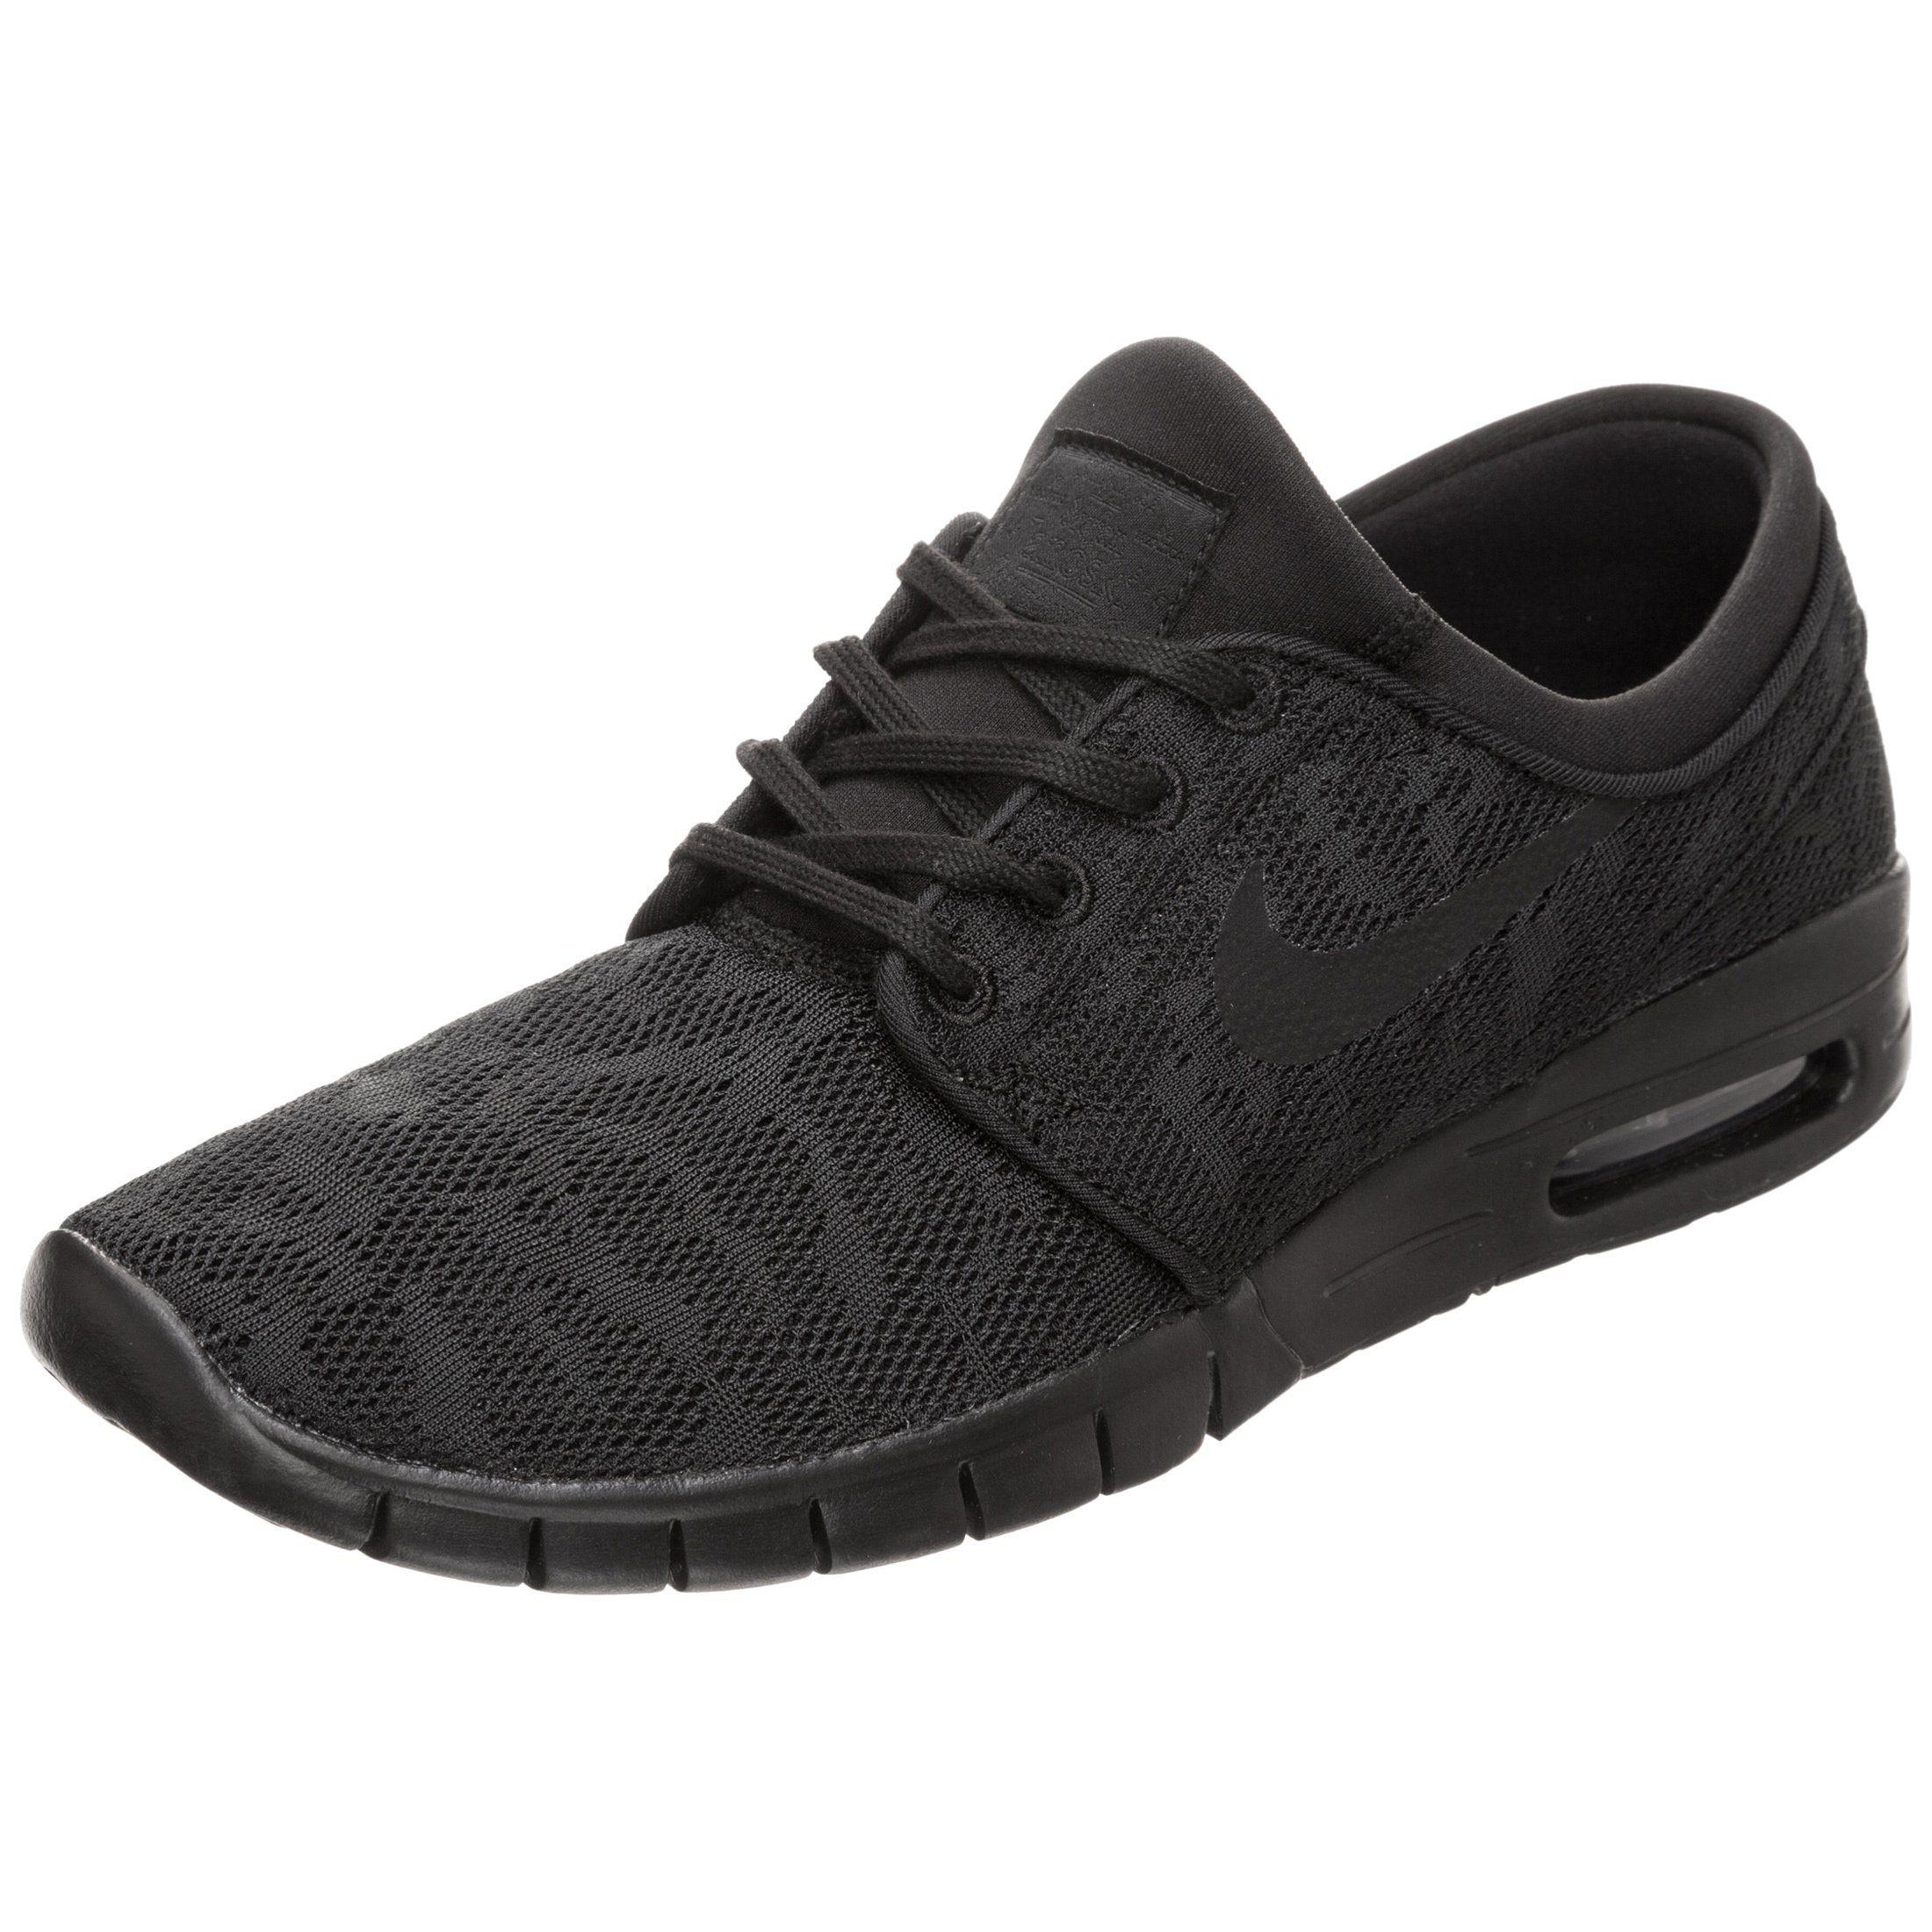 Nike SB Sneaker Stefan Janoski Janoski Janoski Max per Rechnung | Gutes Preis-Leistungs-Verhältnis, es lohnt sich 43cdcb